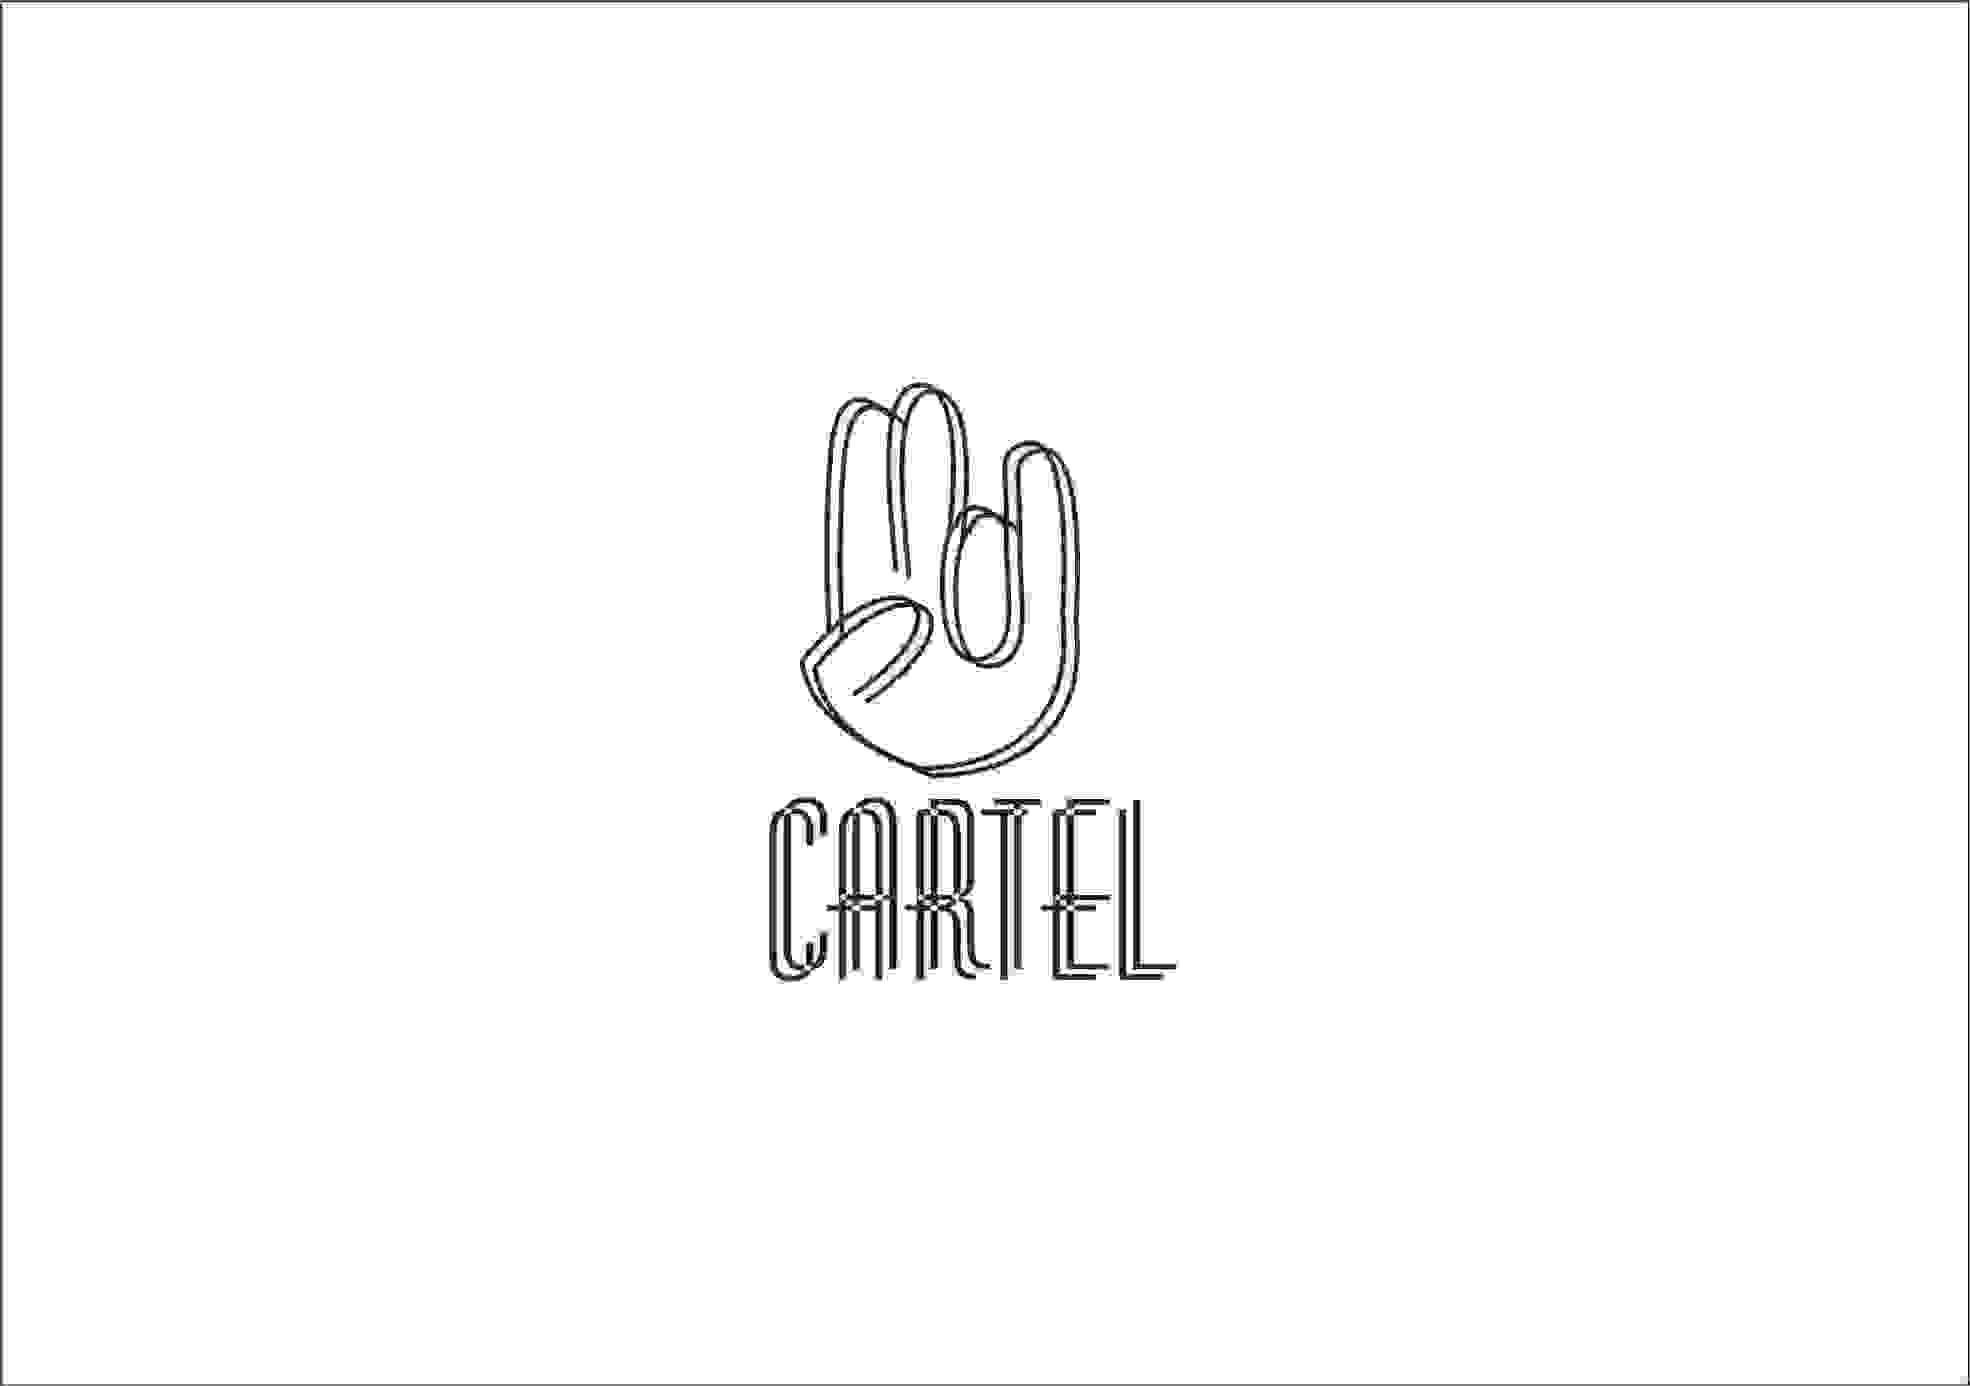 Логотип и фирменный шрифт  - дизайнер Polly668